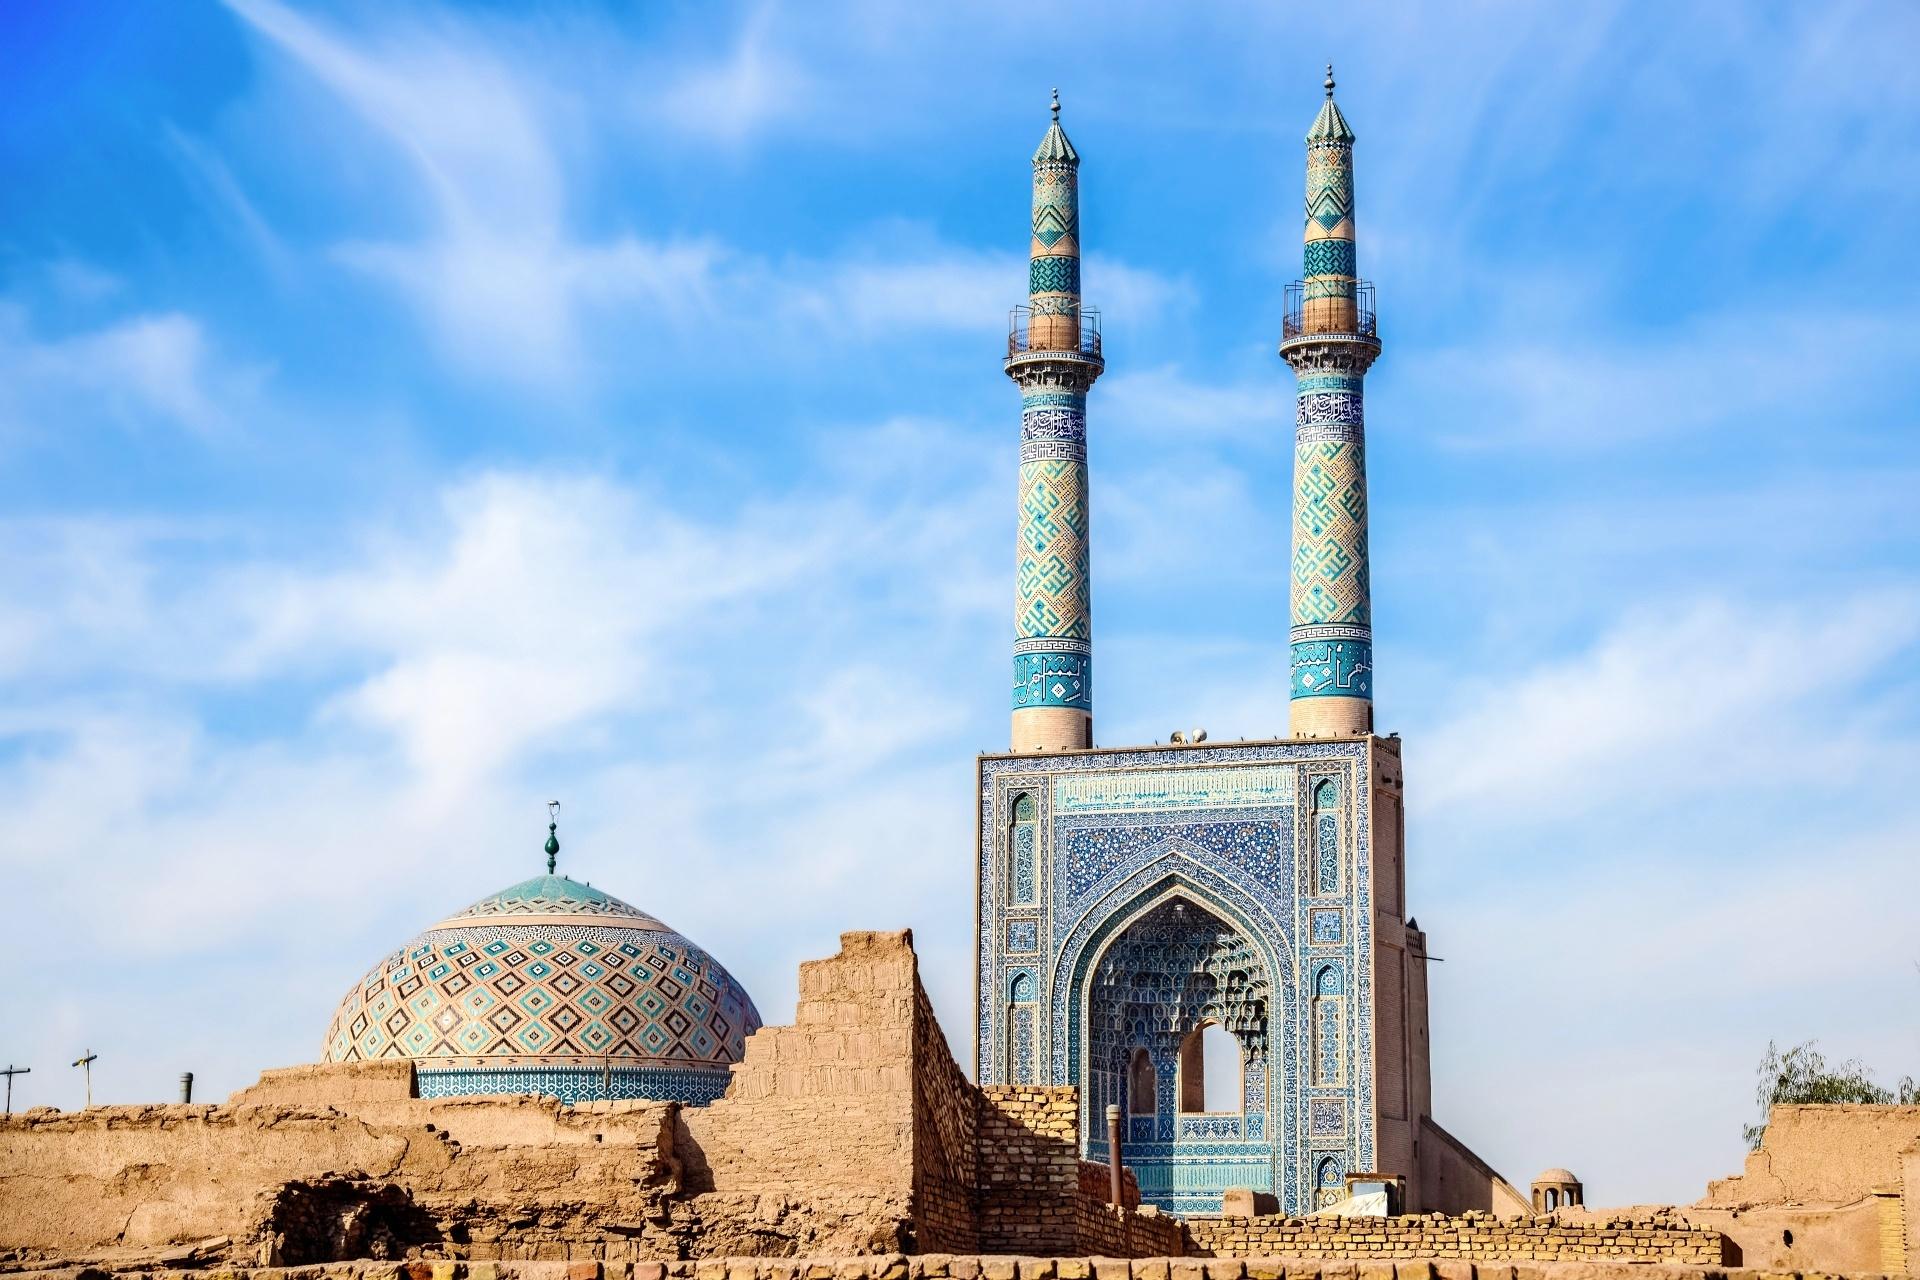 ヤズドのモスク イランの風景